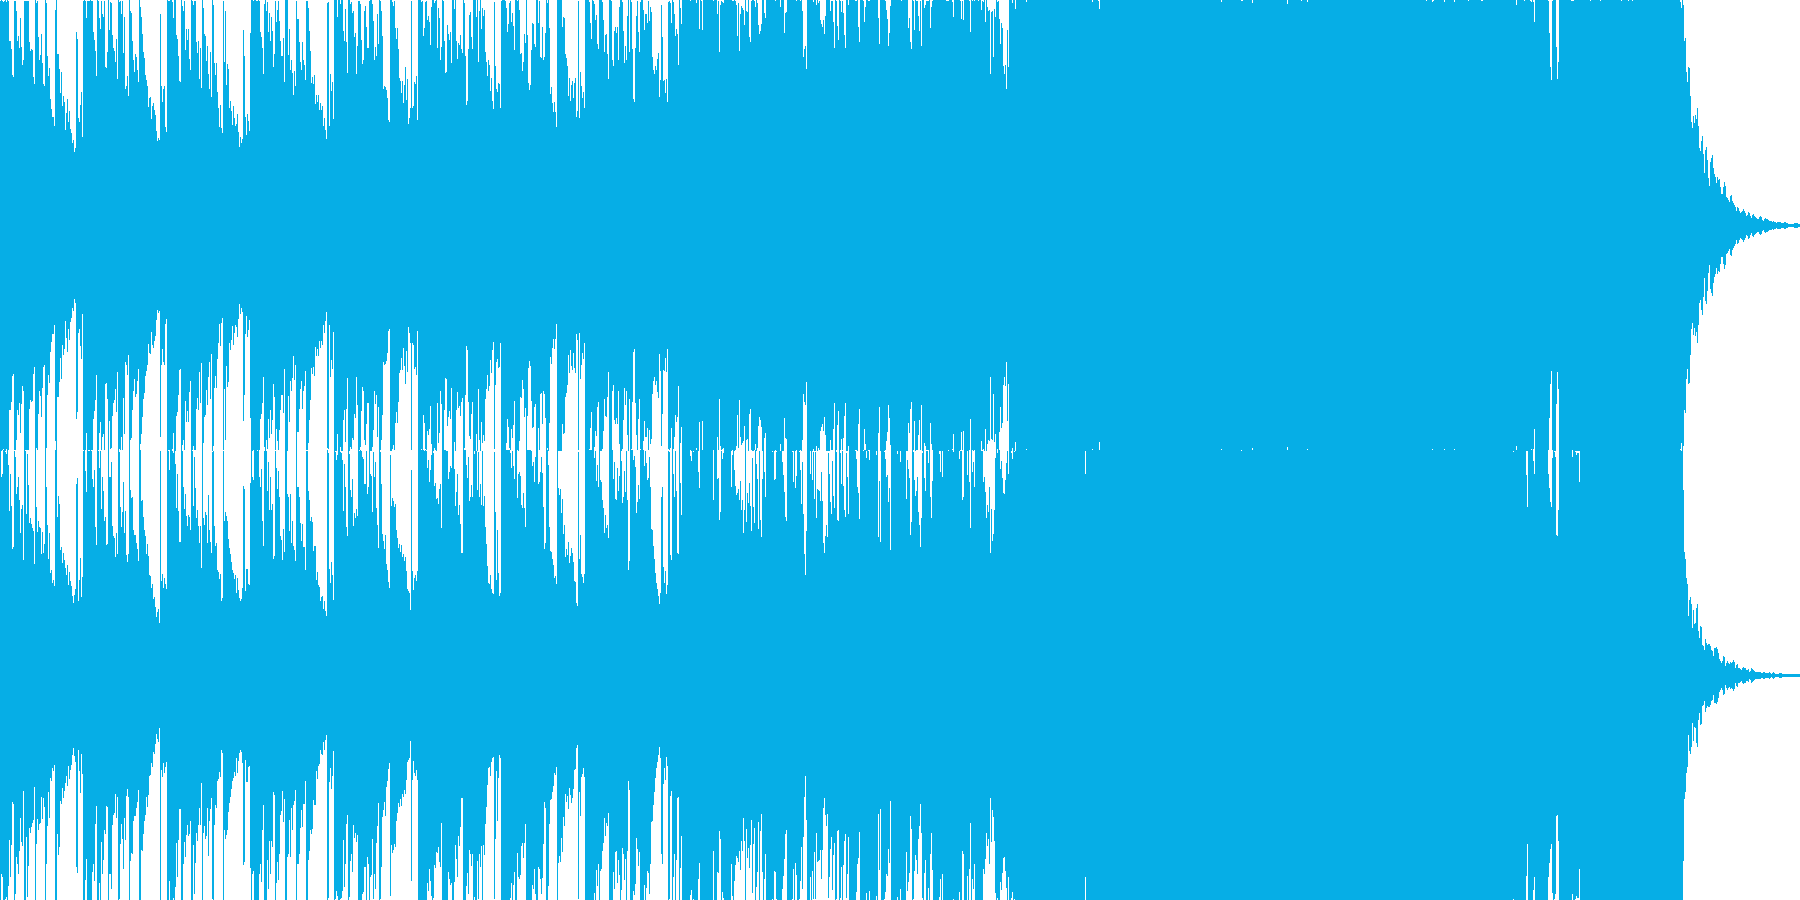 わくわくする様なウインターソングの再生済みの波形